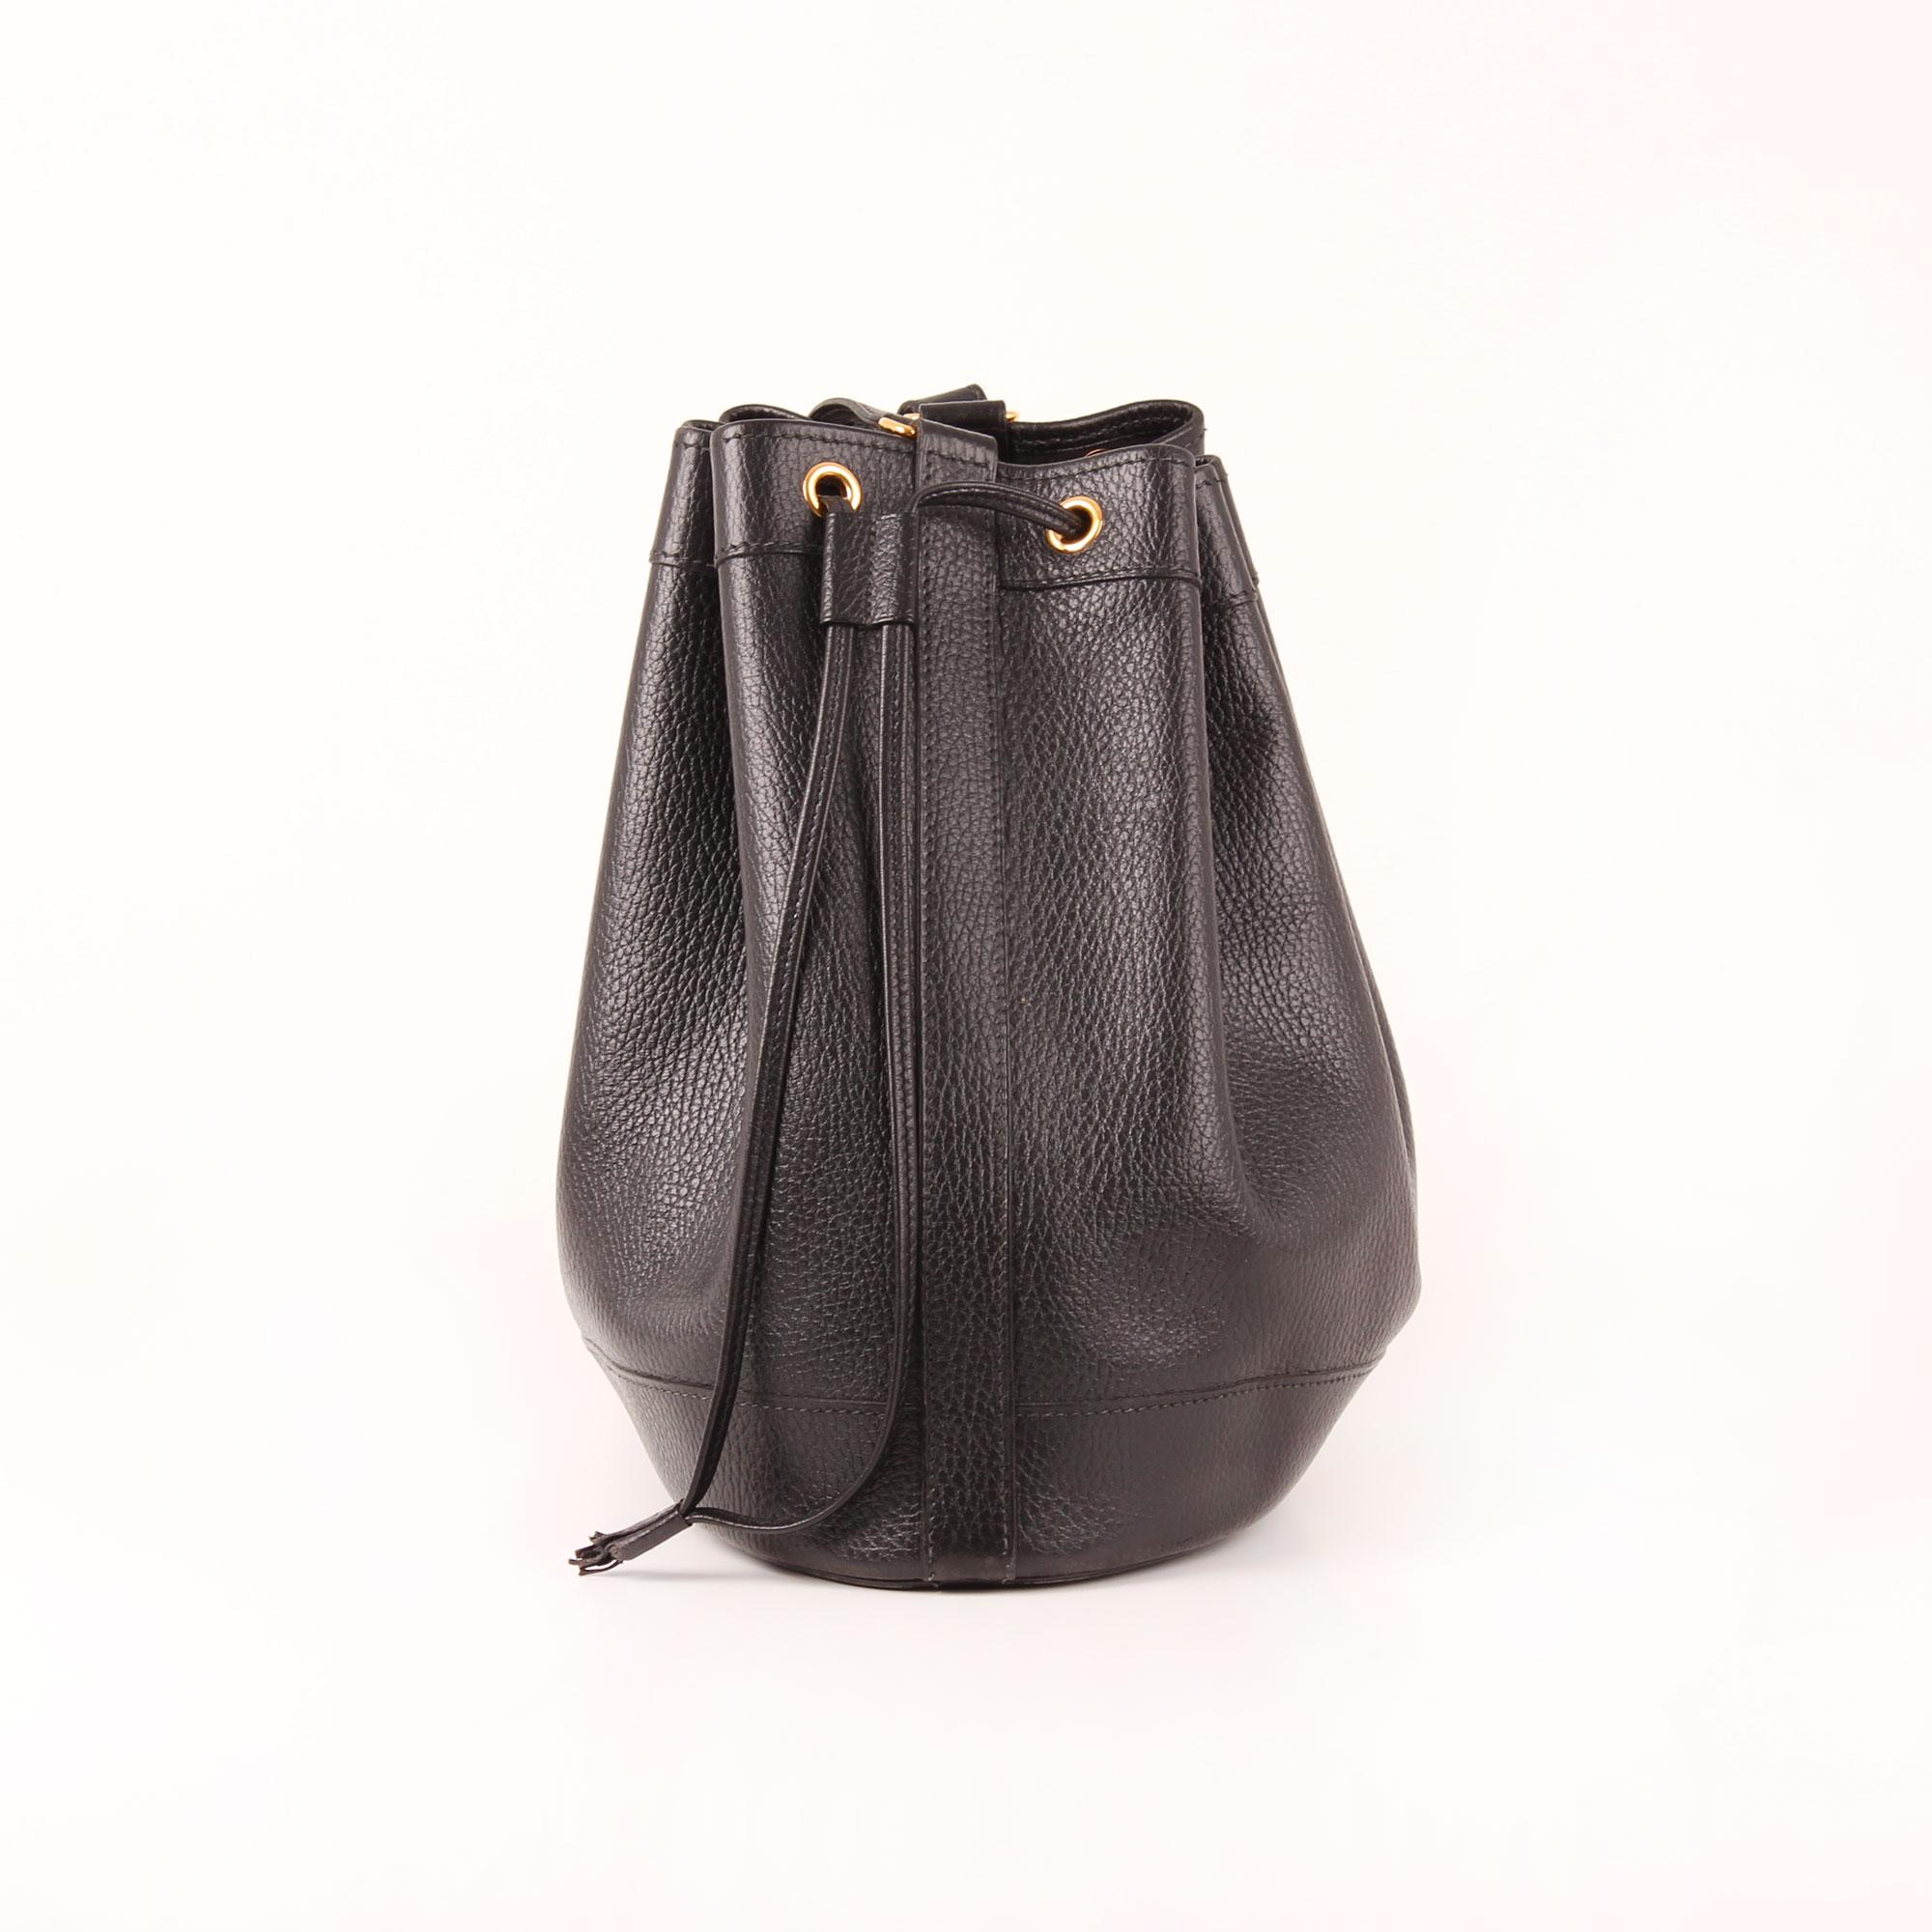 a9655191df9 Imagen del lado 1 del bolso hermès market bucket bag togo